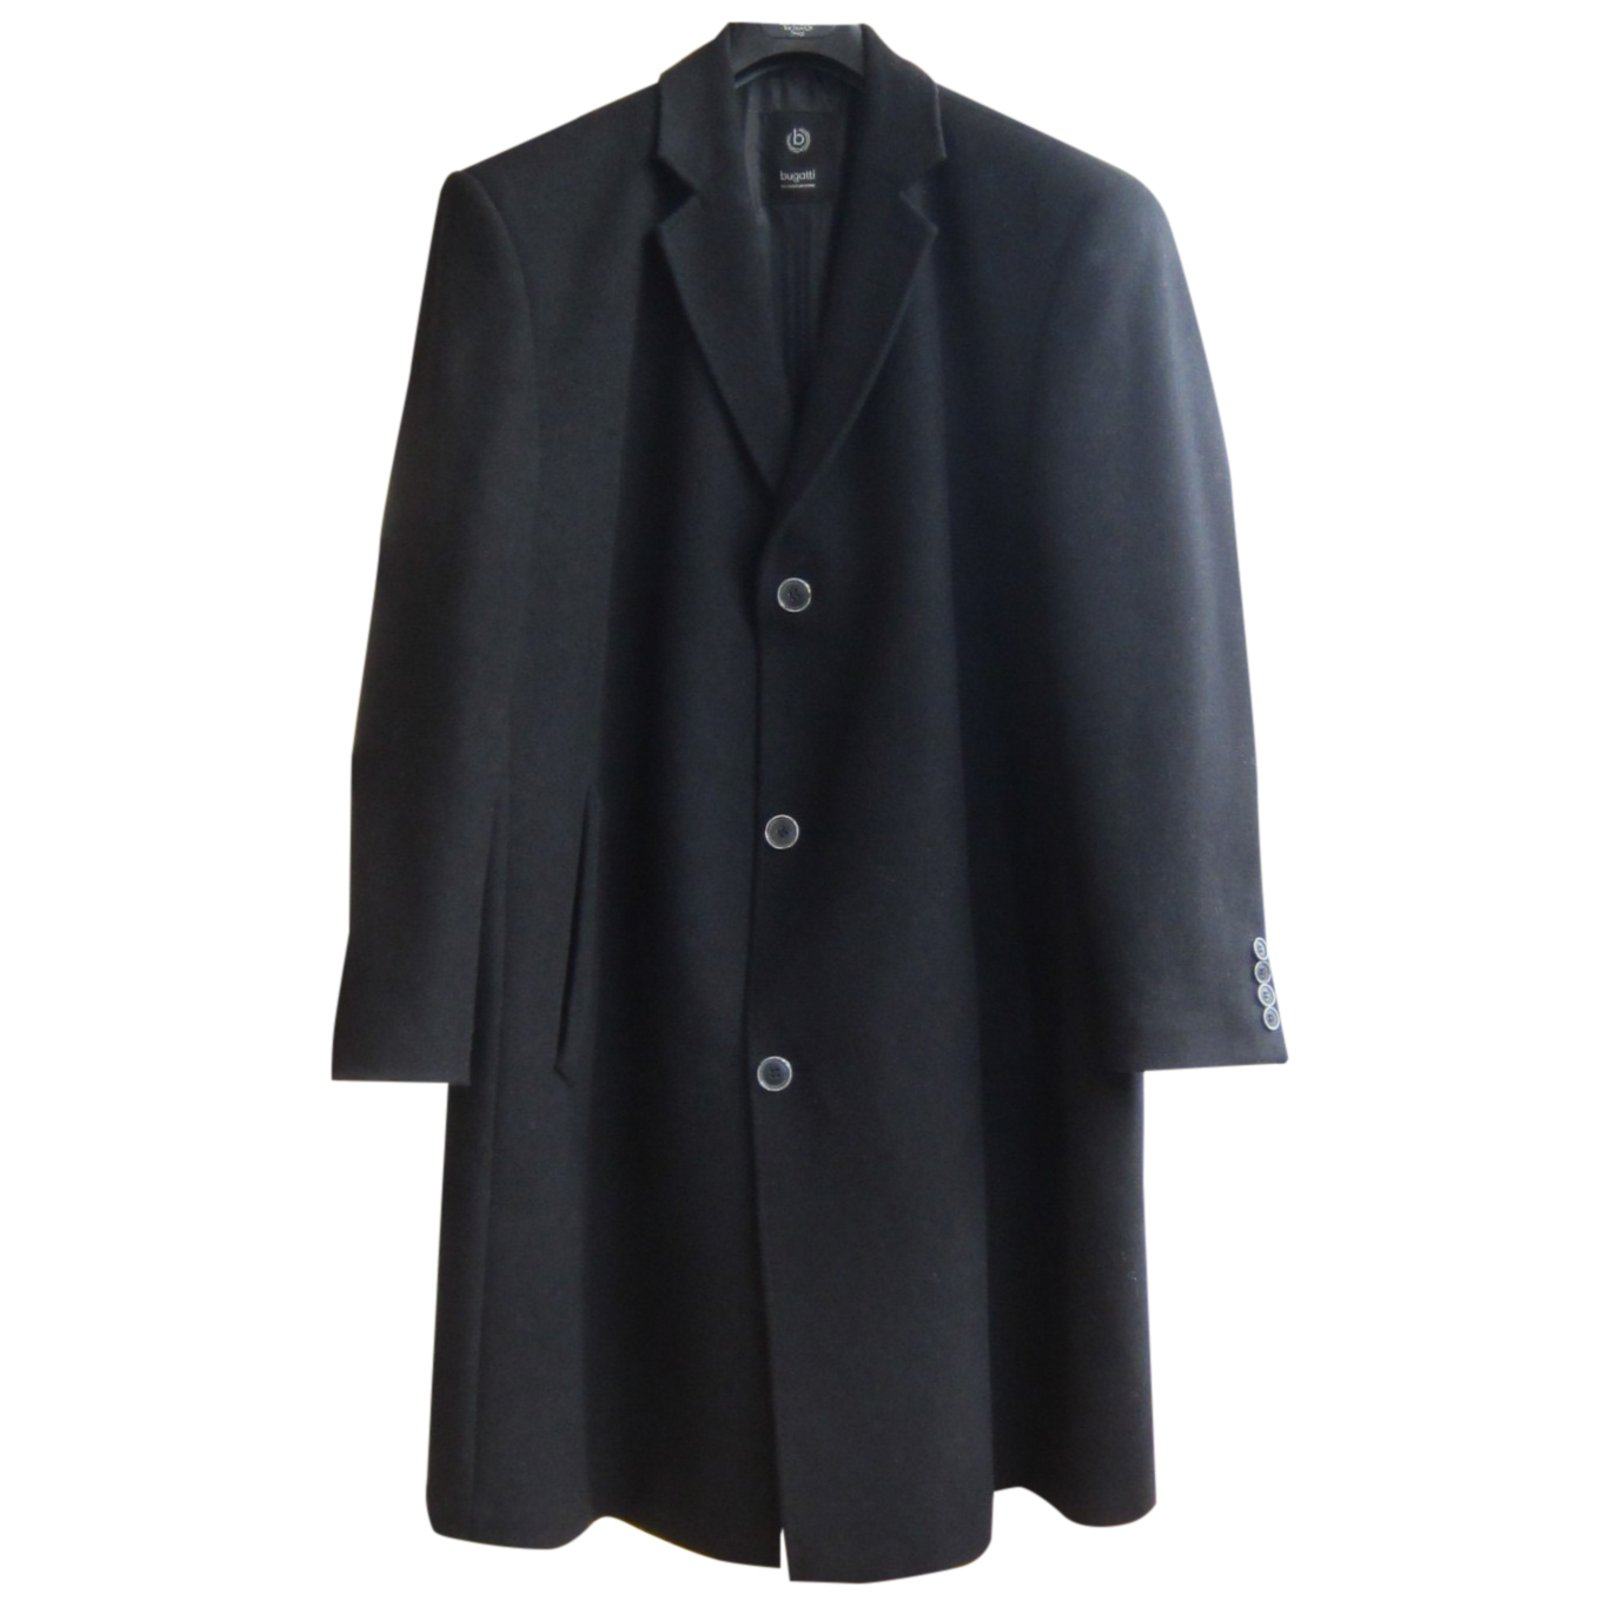 Manteau homme laine noir